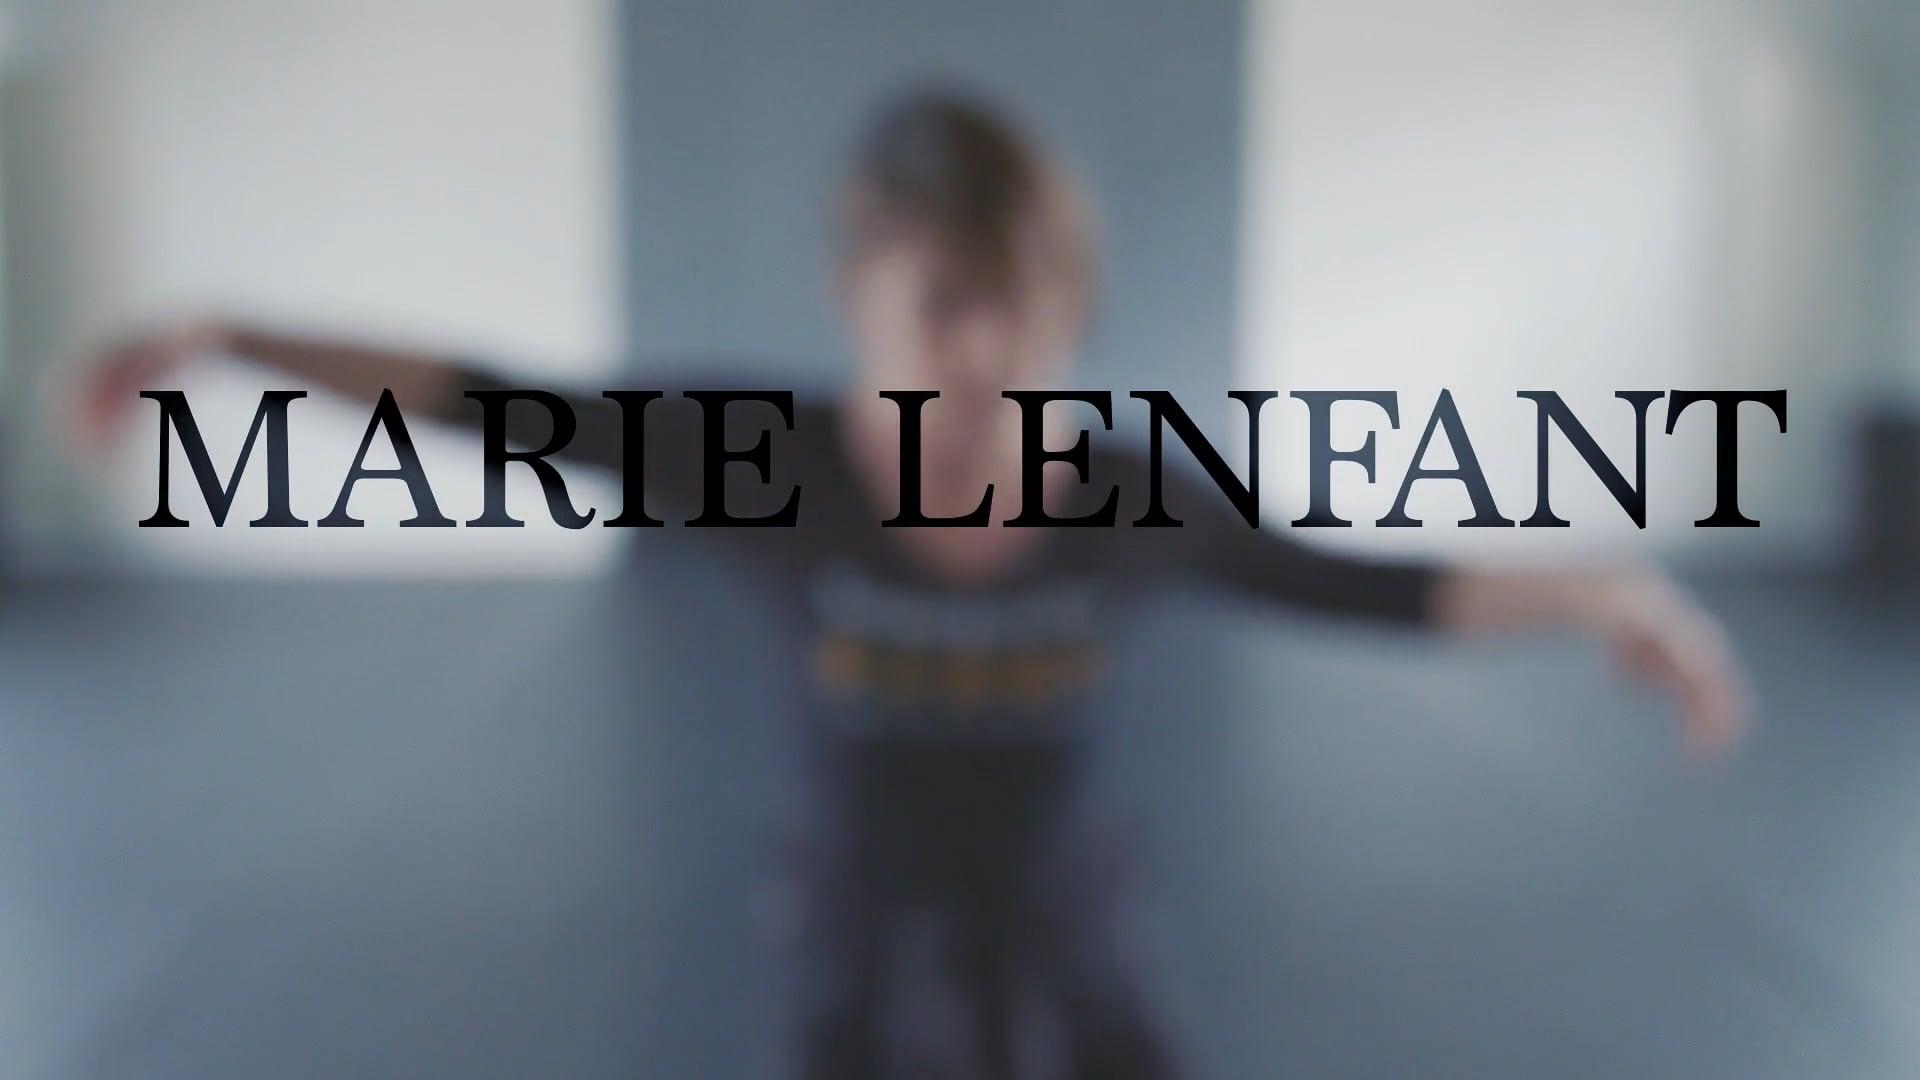 PORTRAIT DE MARIE LENFANT